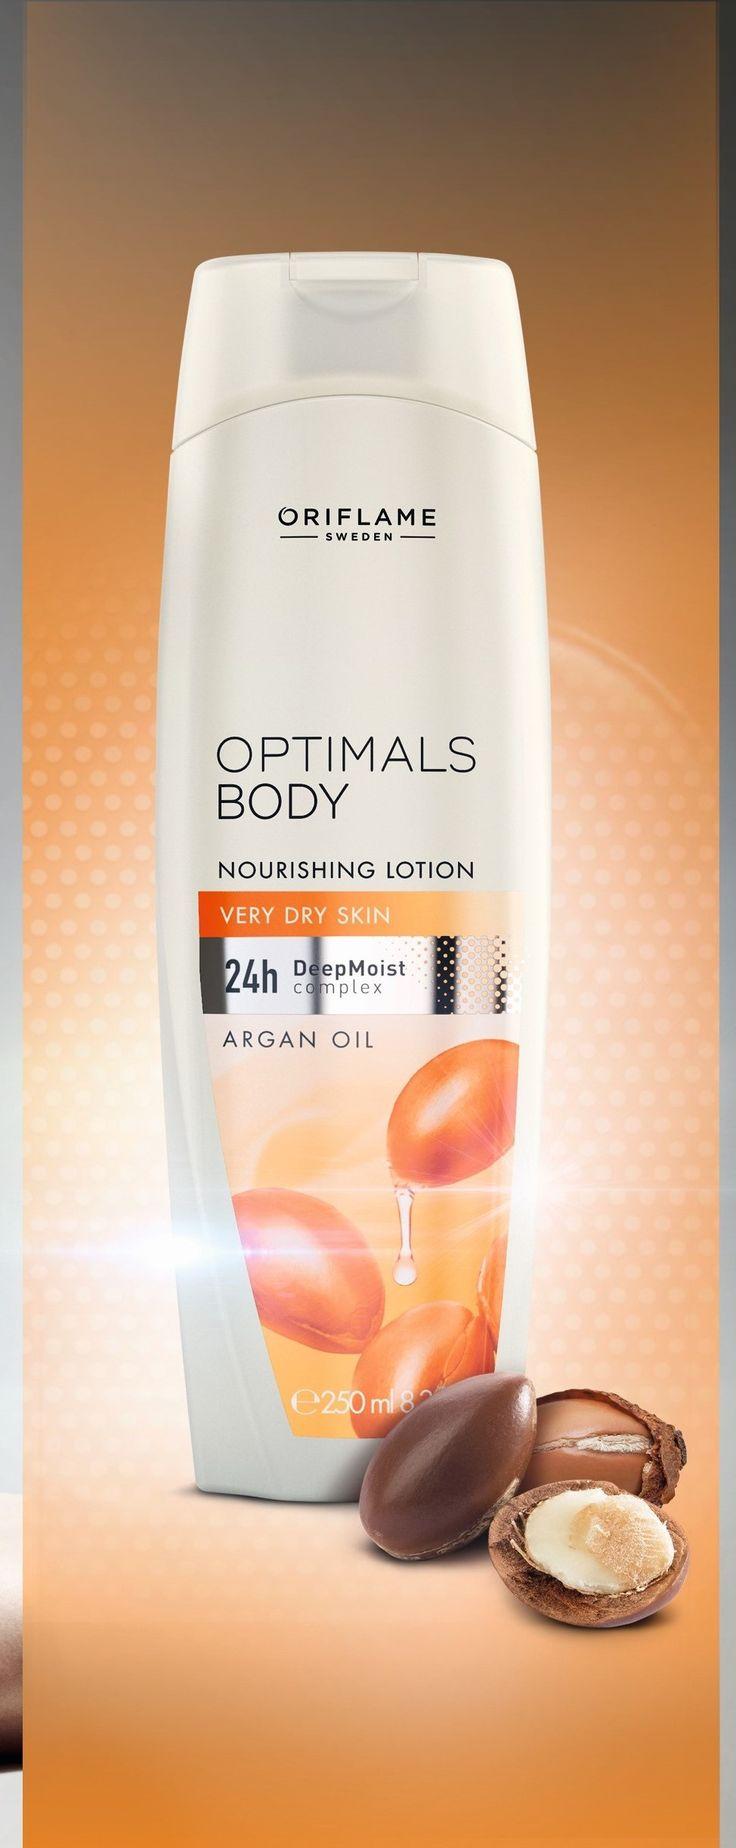 Optimals Body Nourishing Lotion - Argan Oil enthält den DeepMoist Komplex, der die Barrierefunktion der Haut nachahmt und eine außergewöhnliche 24-Std. Feuchtigkeitspflege ist. #arganöl #arganoil #lotion #Körperpflege #OptimalsBody #OriflameGermany